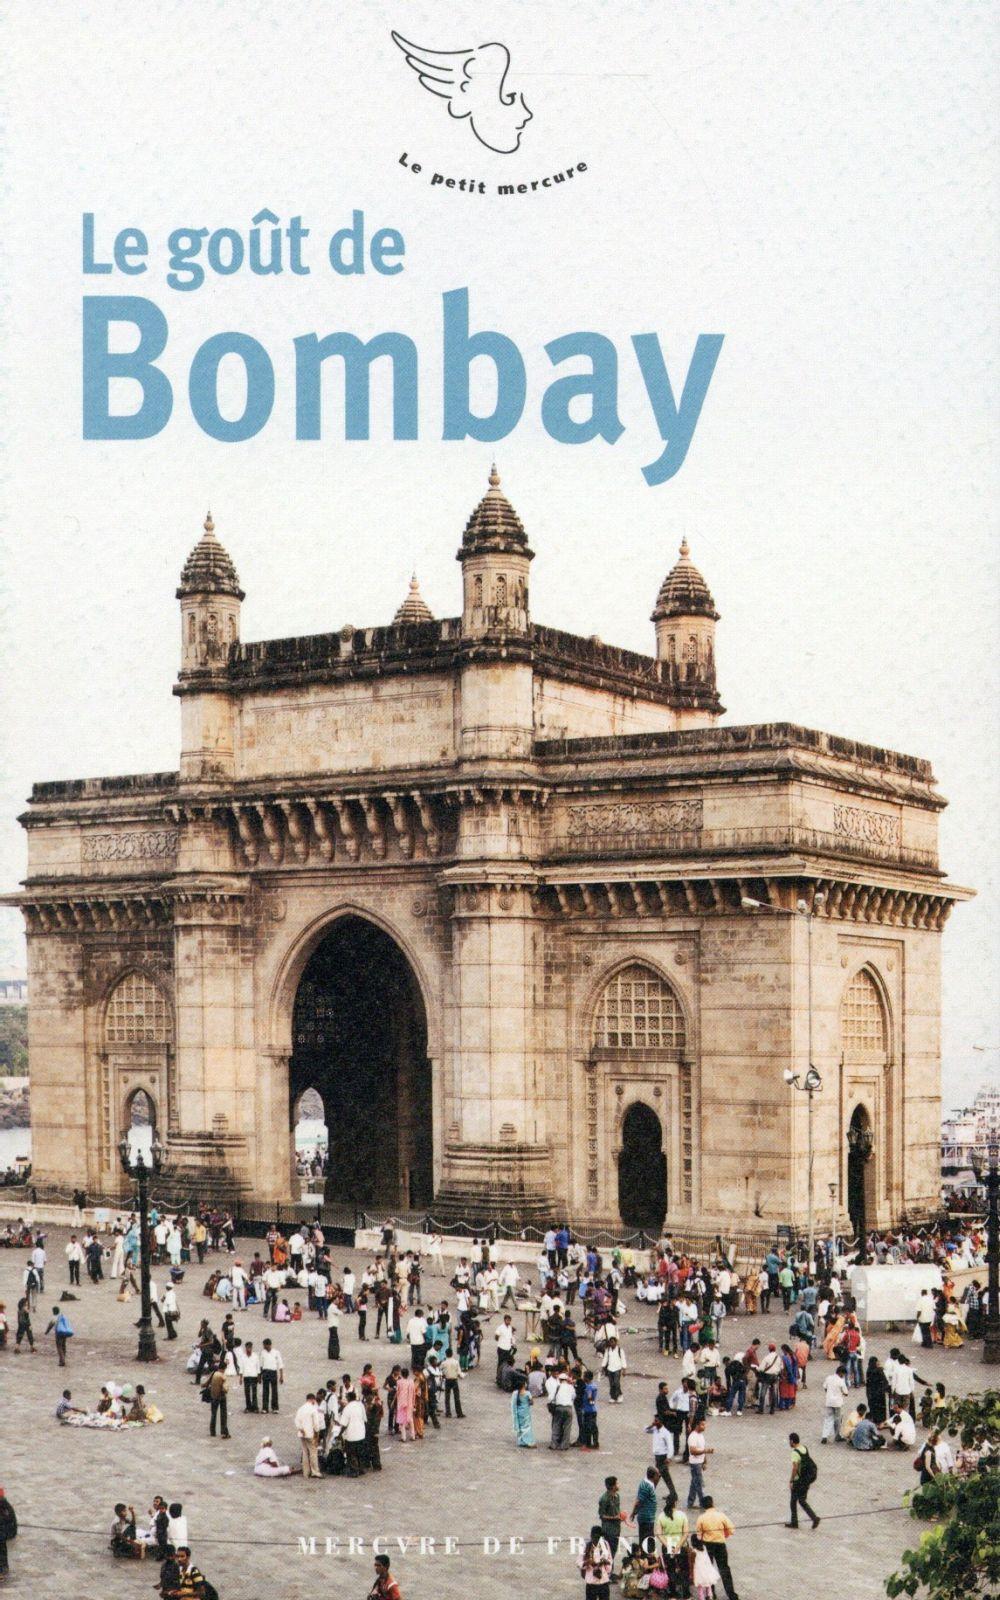 Le goût de Bombay